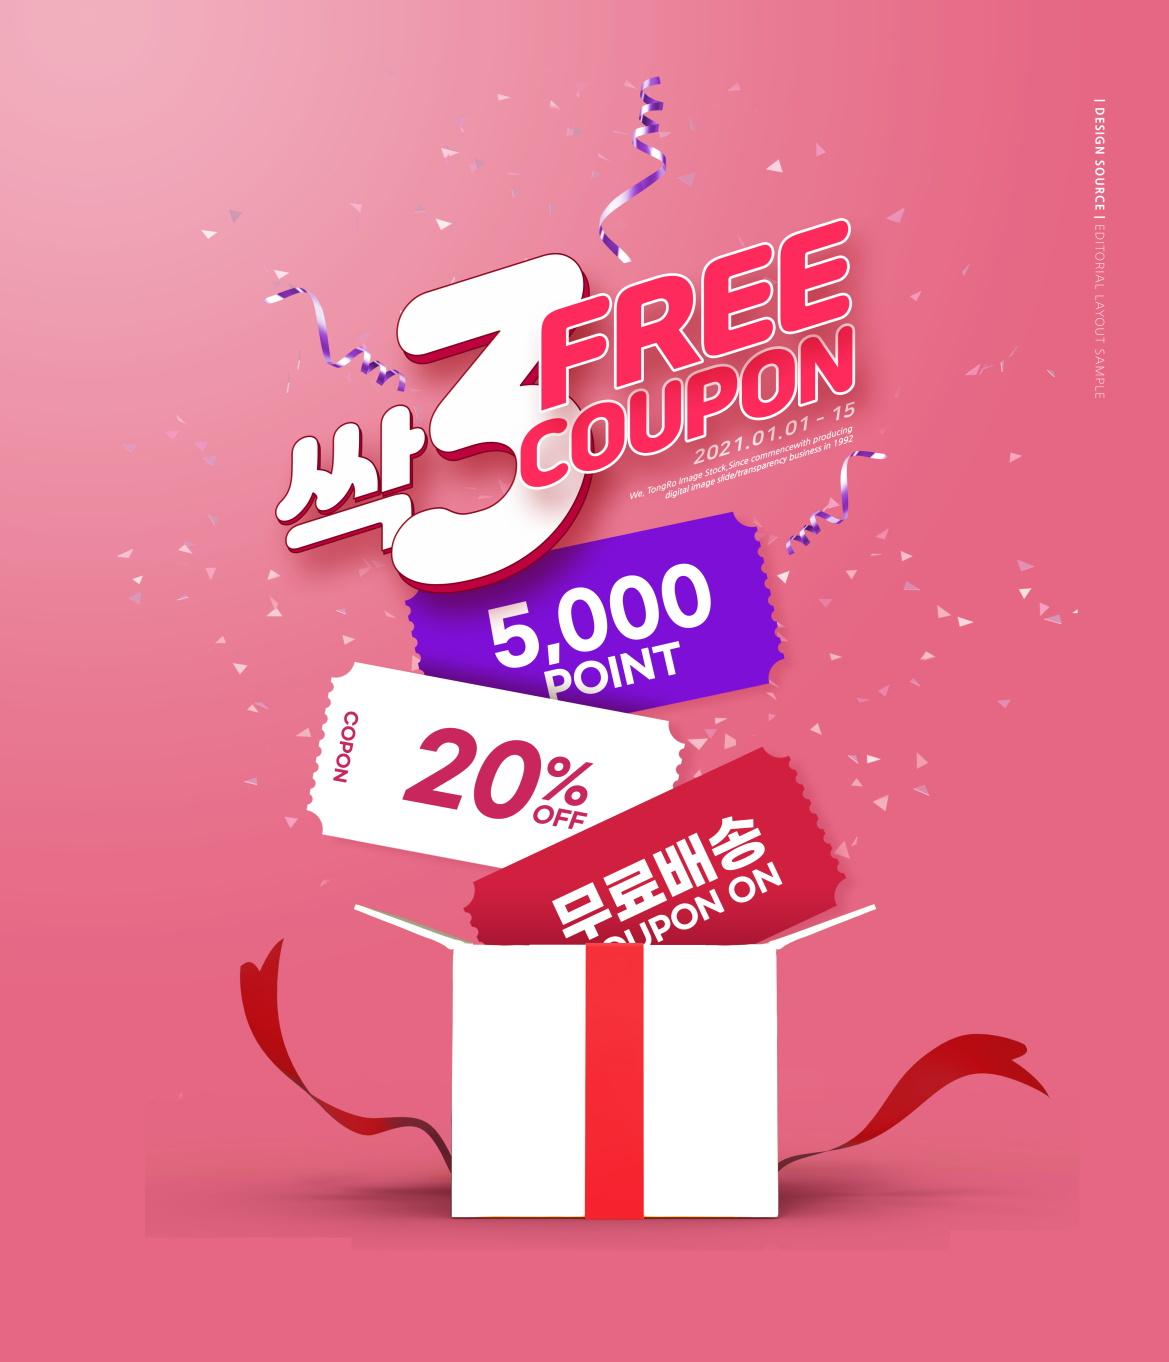 [单独购买] 16款时尚外卖金融手机购物促销海报设计PSD模板素材 Mobile Shopping Promotion Poster插图6